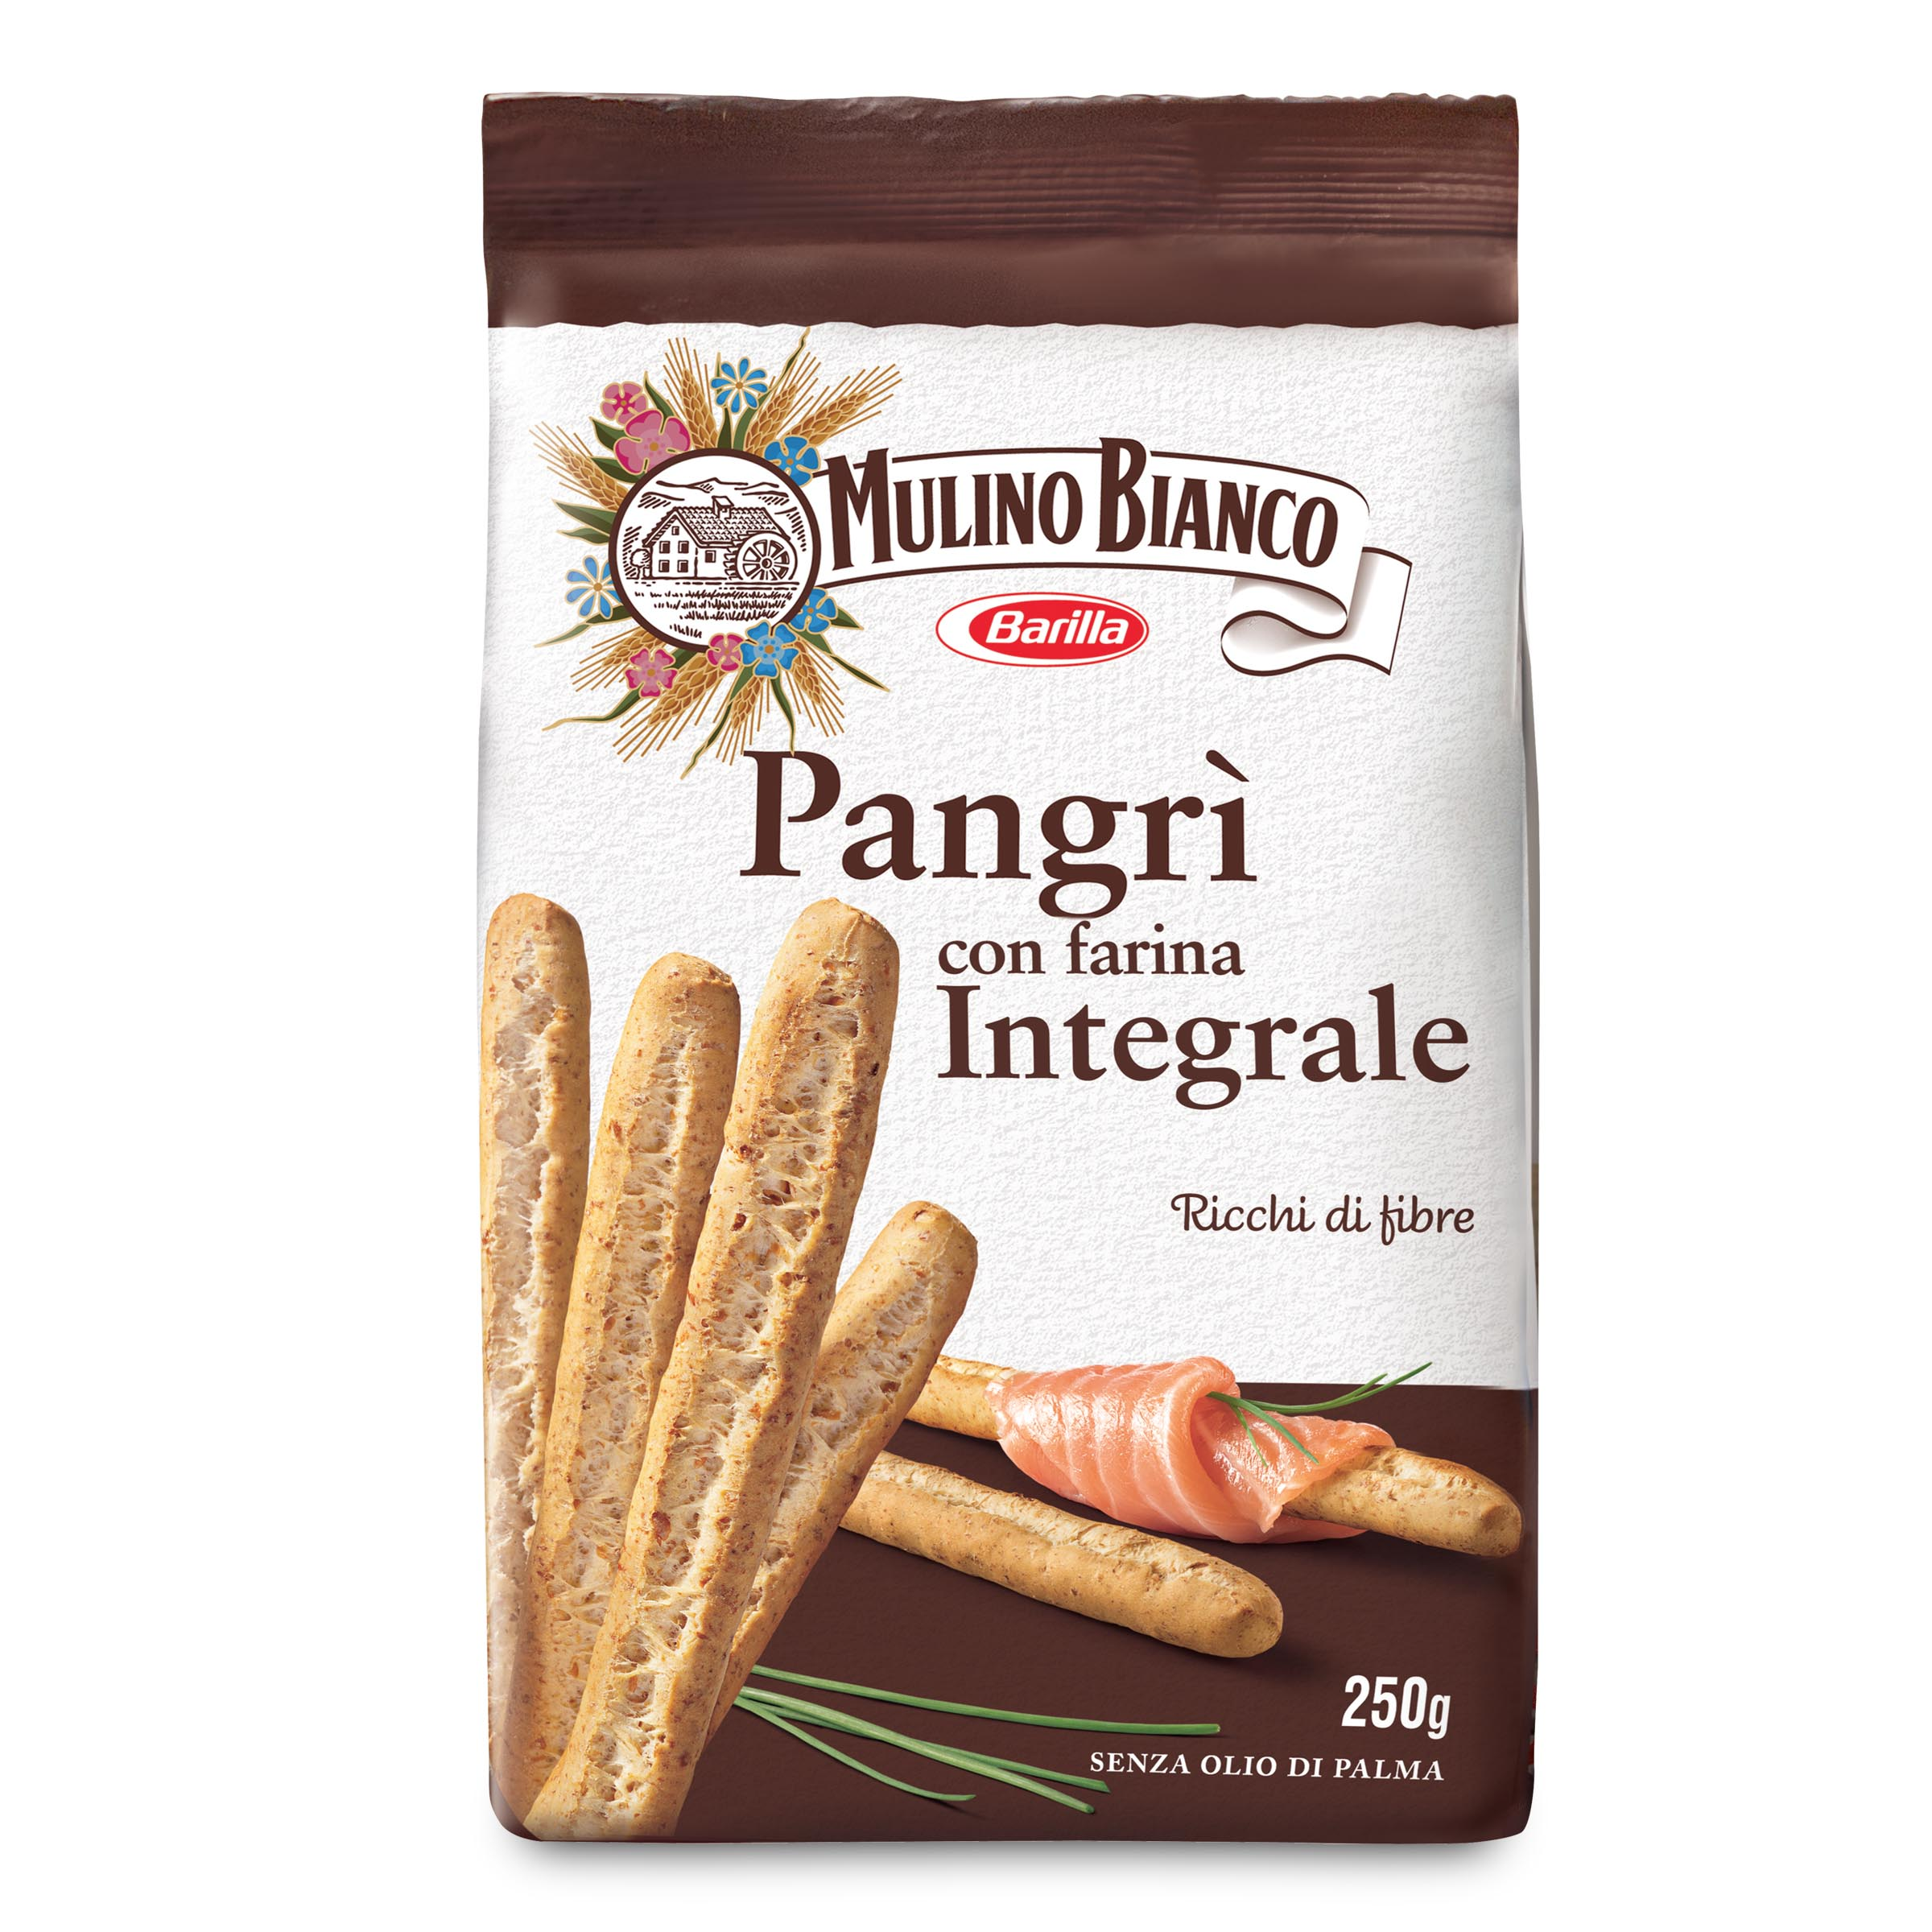 Ricetta Per Grissini Integrali Rustici.Pangri Con Farina Integrale 250g Mulino Bianco D Ambros Ipermercato